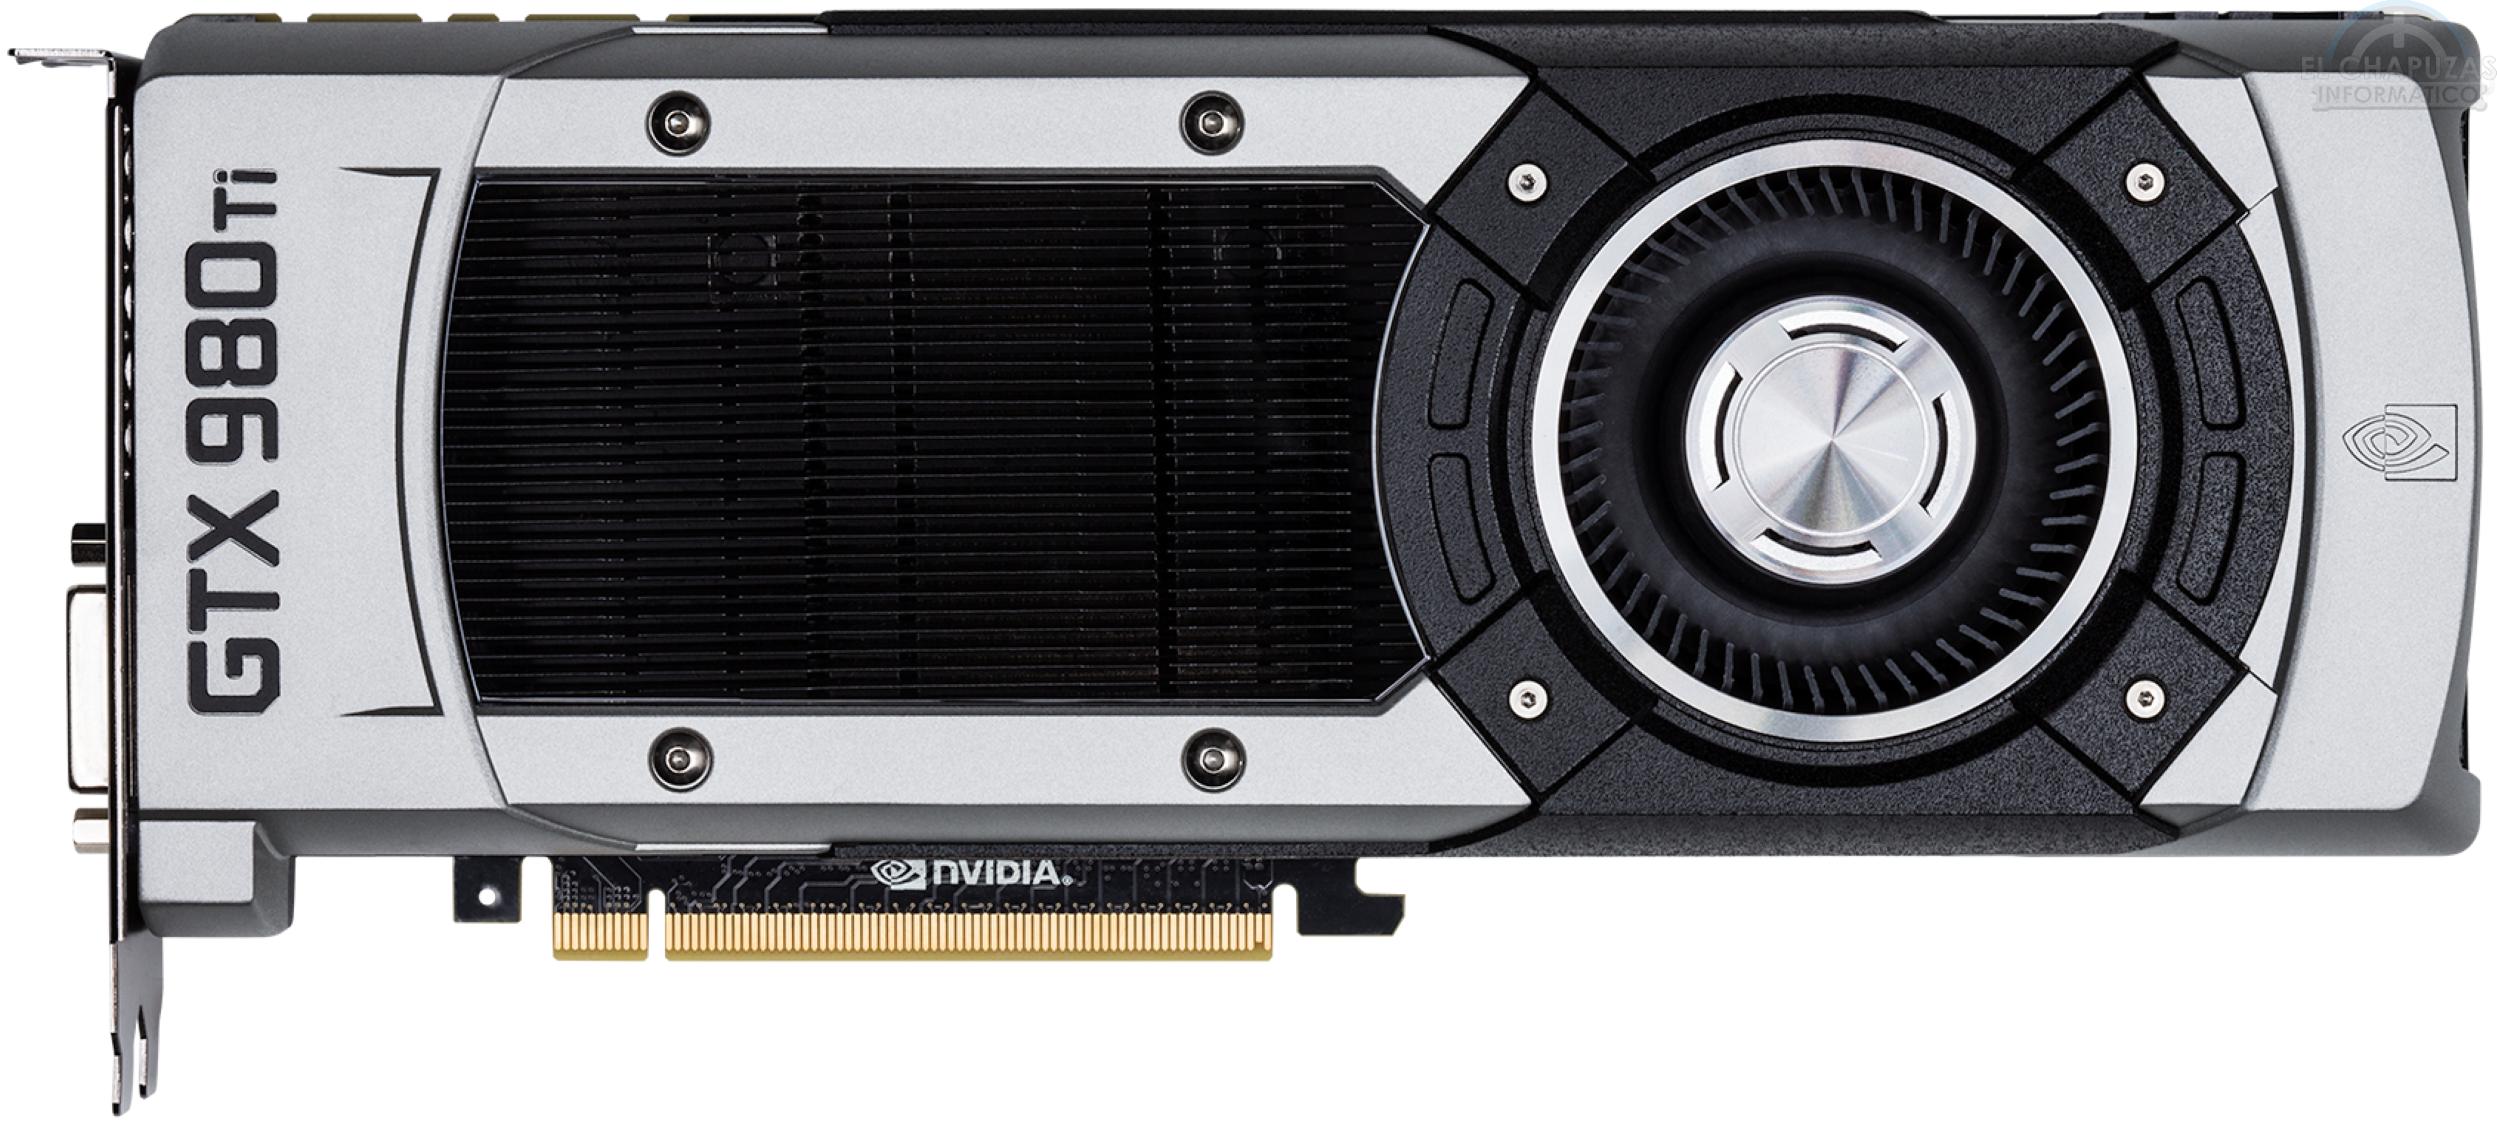 Nvidia prepara una gráfica Dual-GPU GM200 (GeForce GTX 980 Ti)